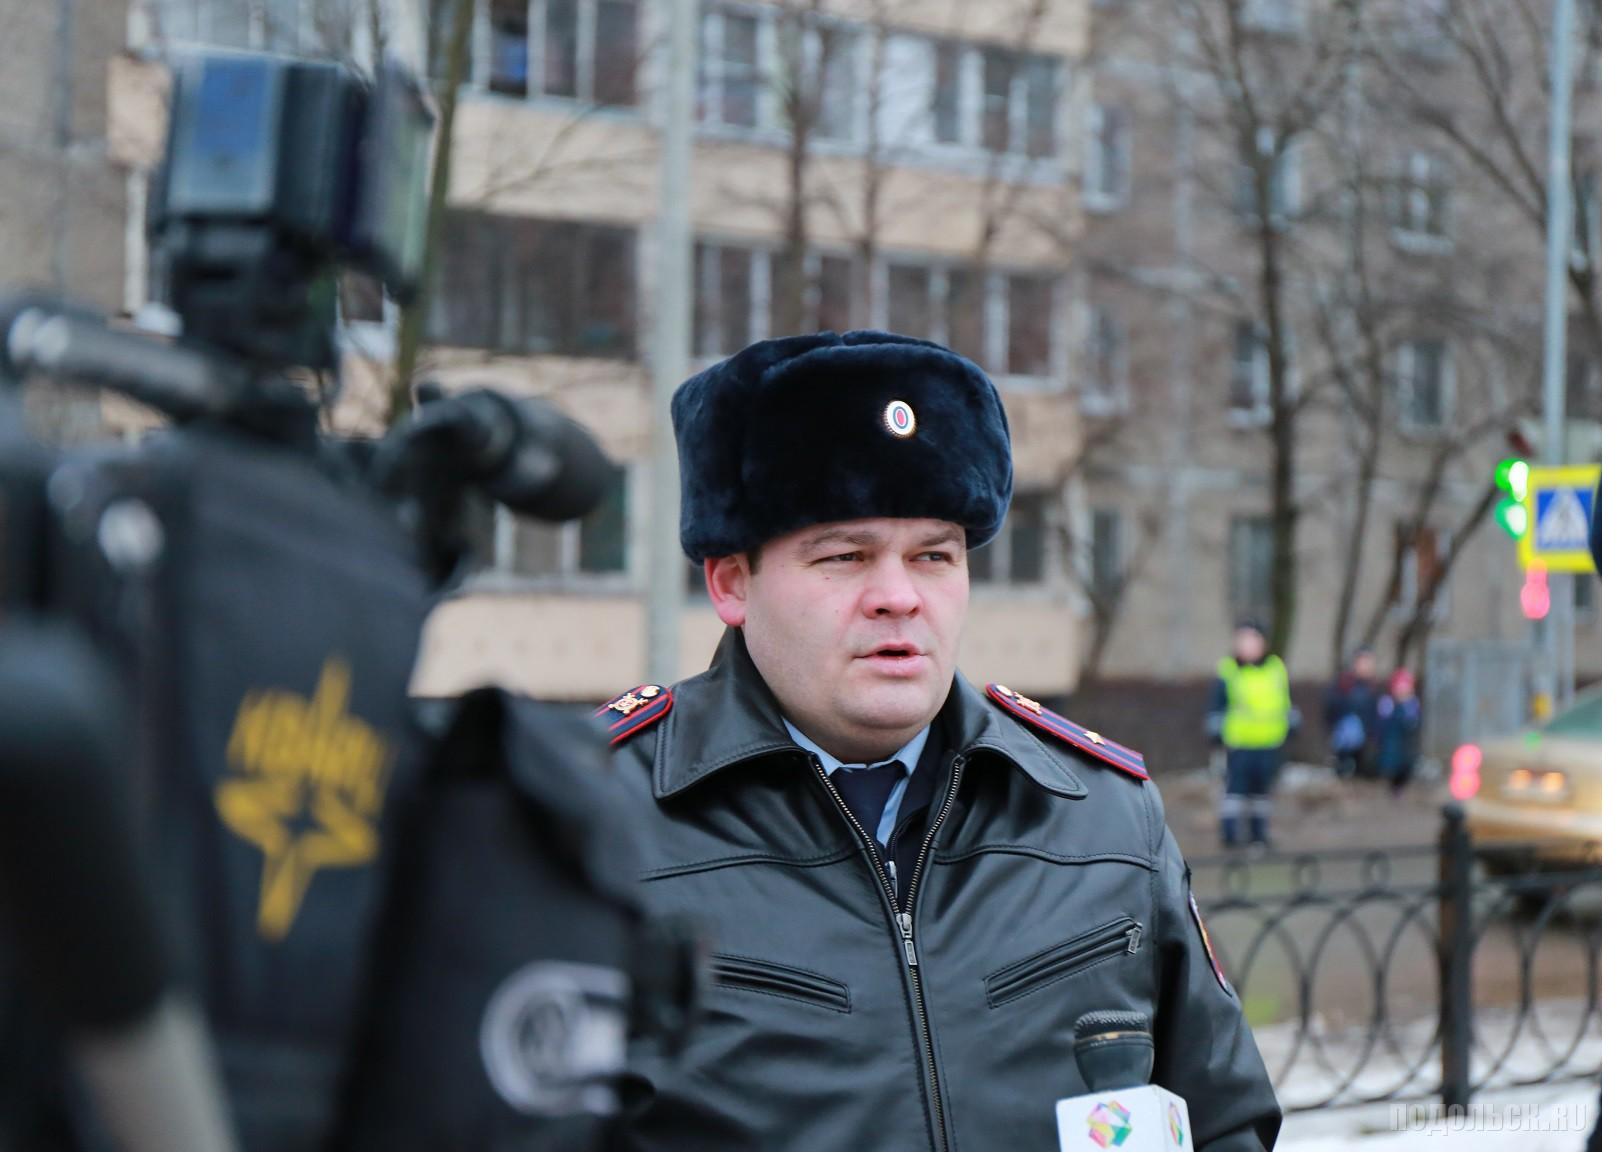 Начальник ОГИБДД г. о. Подольск с 1 февраля 2016 г. Юрий Черепянский.